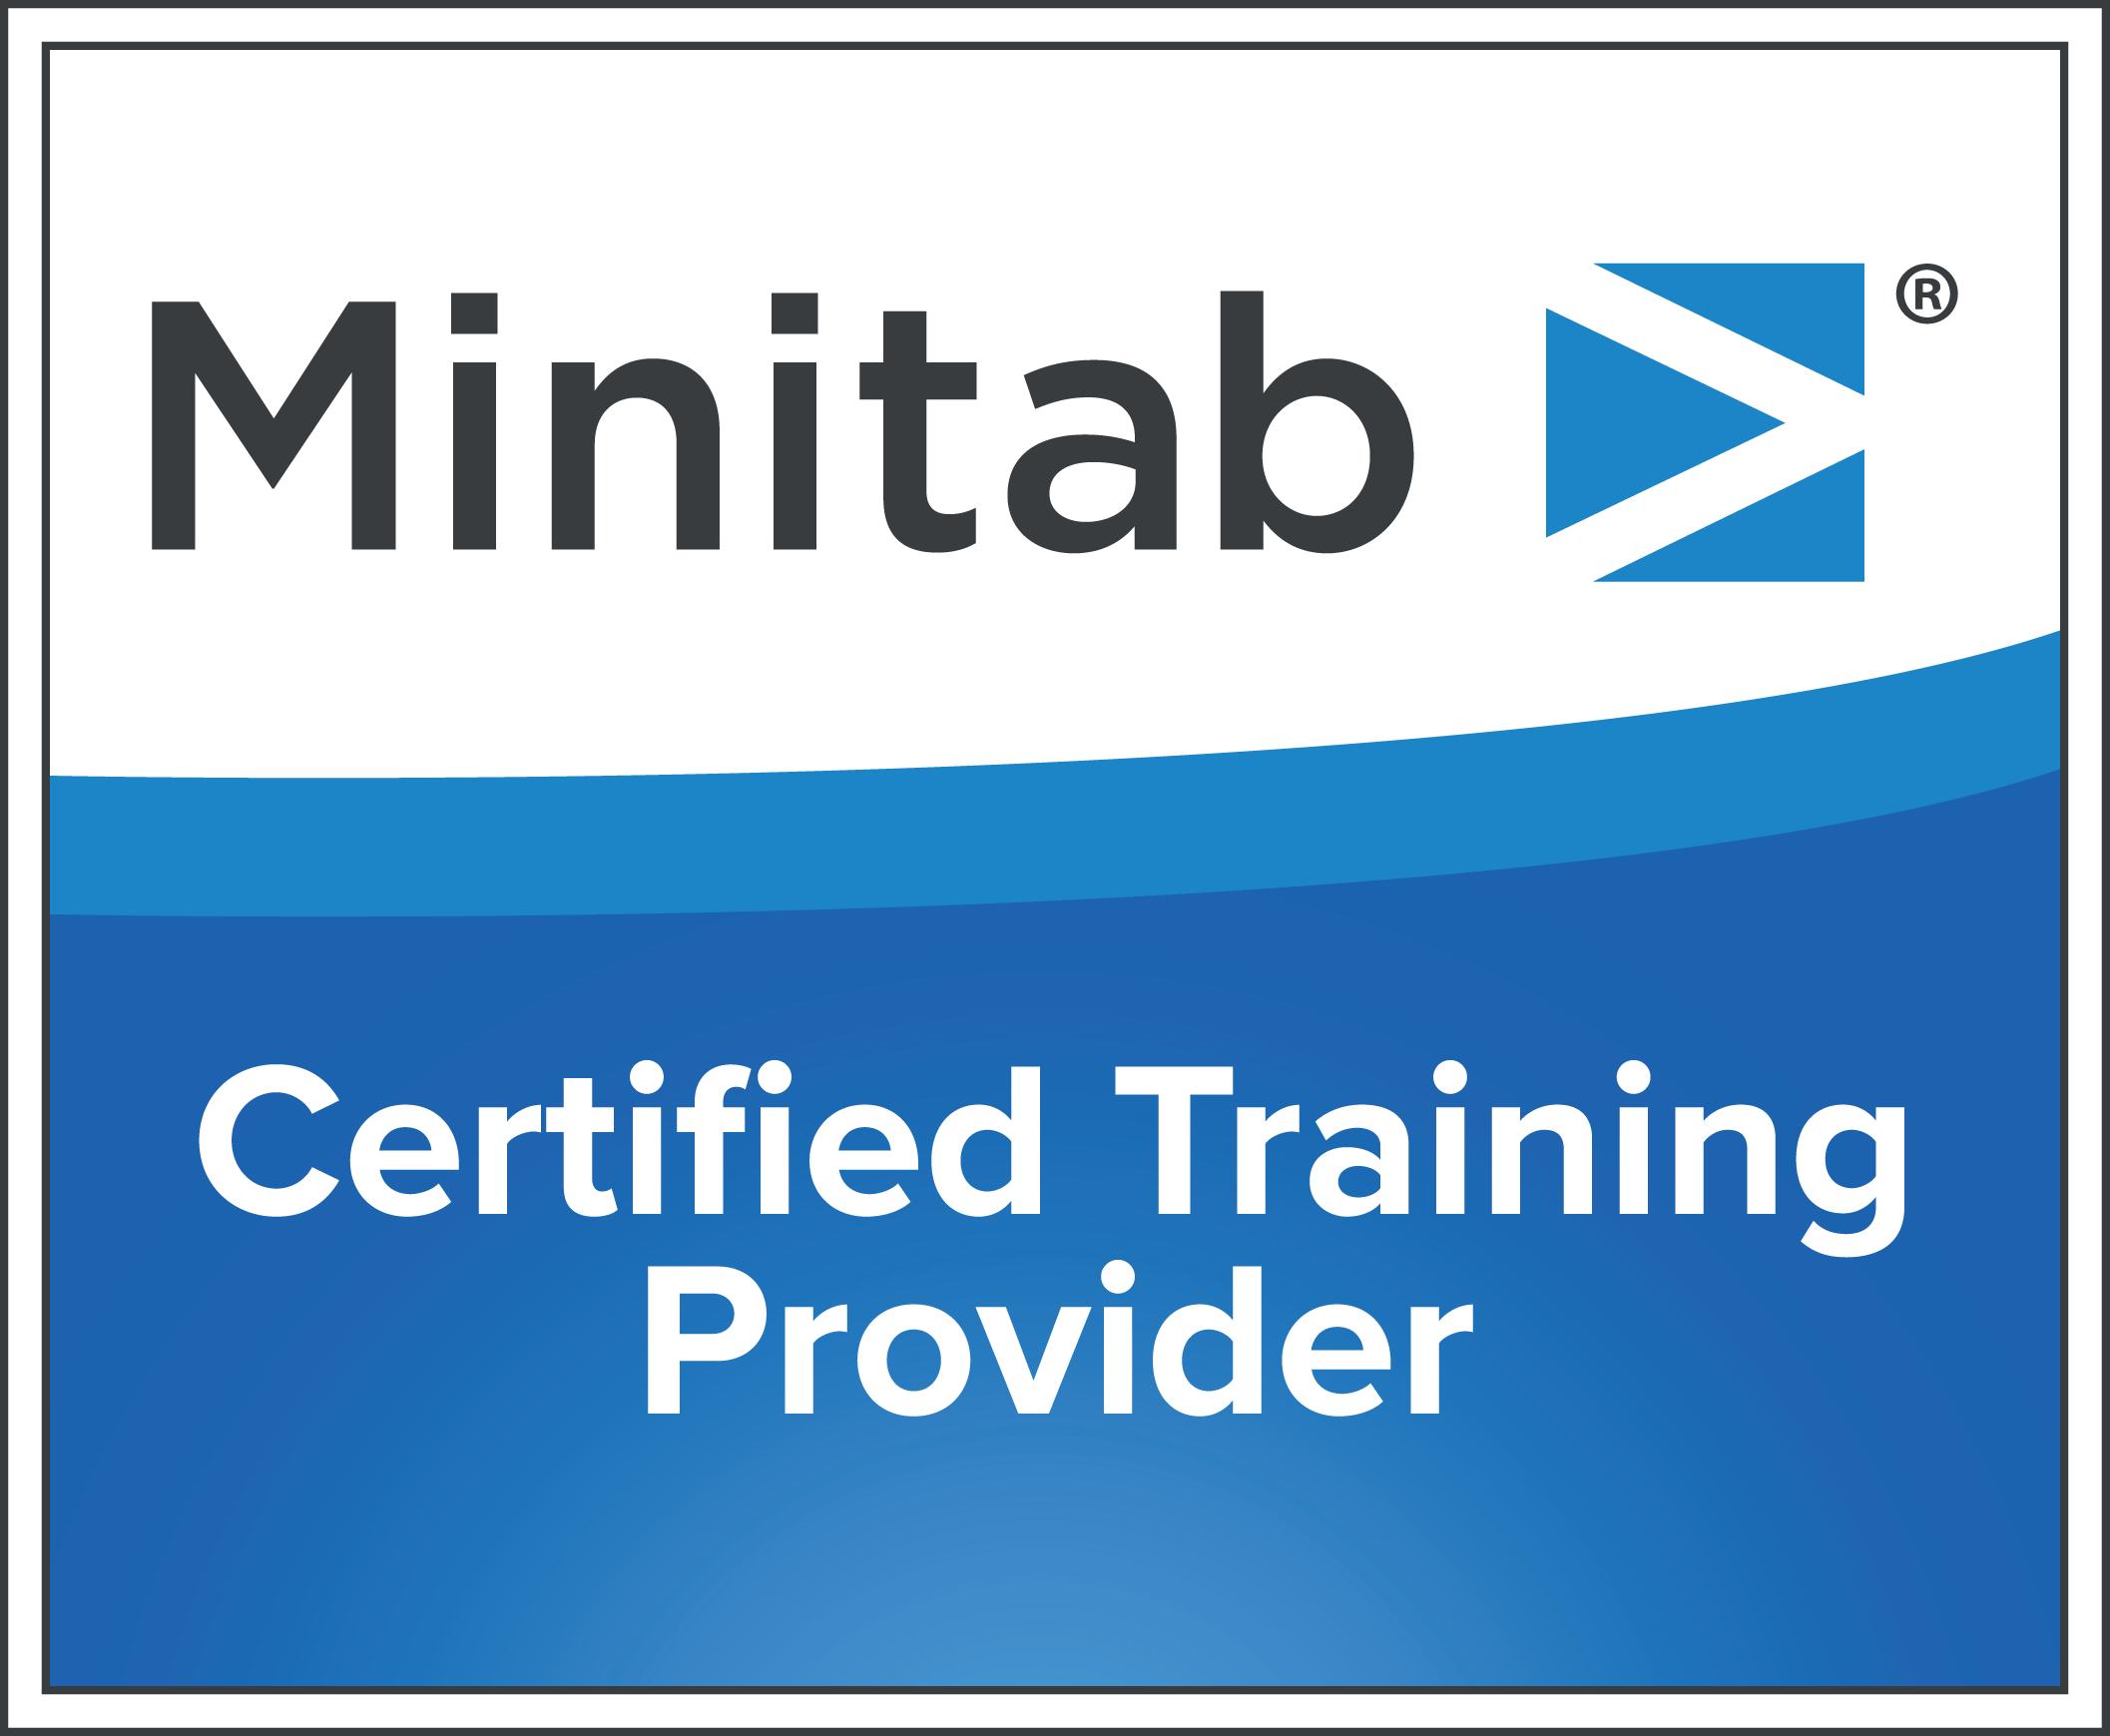 Minitab-Certified-Training-Provider-Logo Minitab® Statistical Software Analisi Dati, Statistica e Miglioramento continuo Brand News Minitab Minitab Suite News Prodotti Prodotti in primo piano Uncategorized